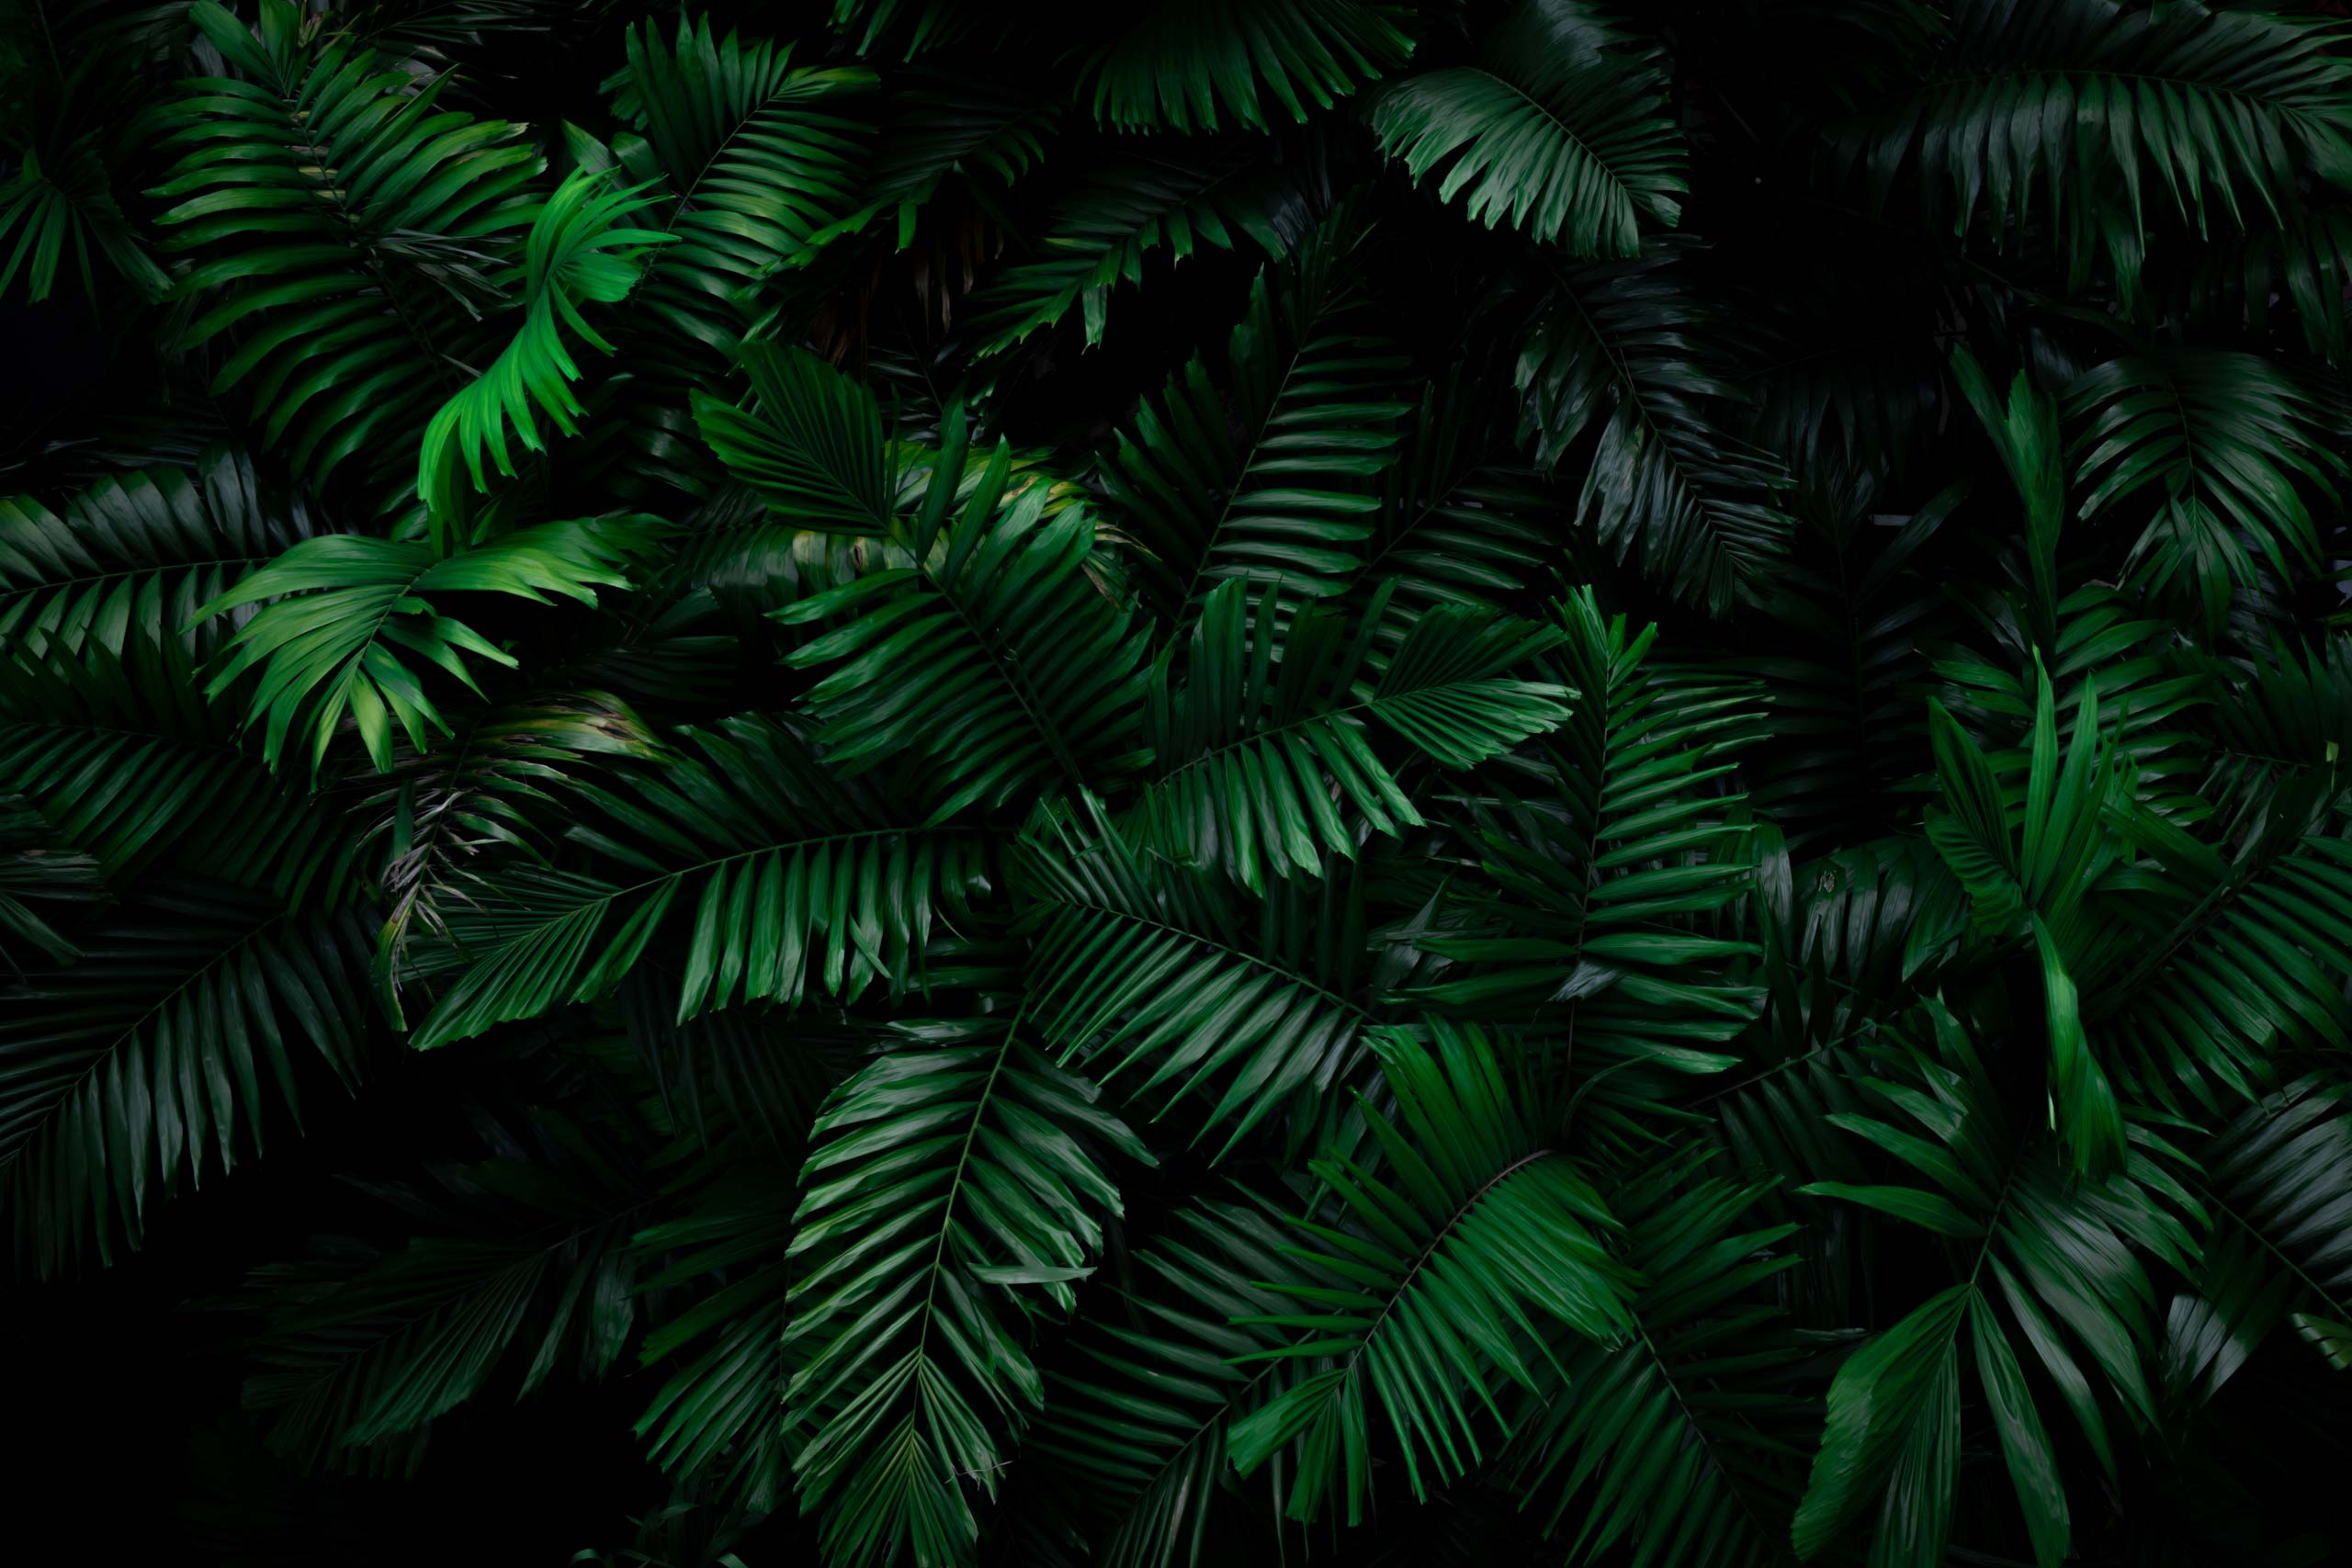 Фотография тёмно-зелёных пальмовых листьев.